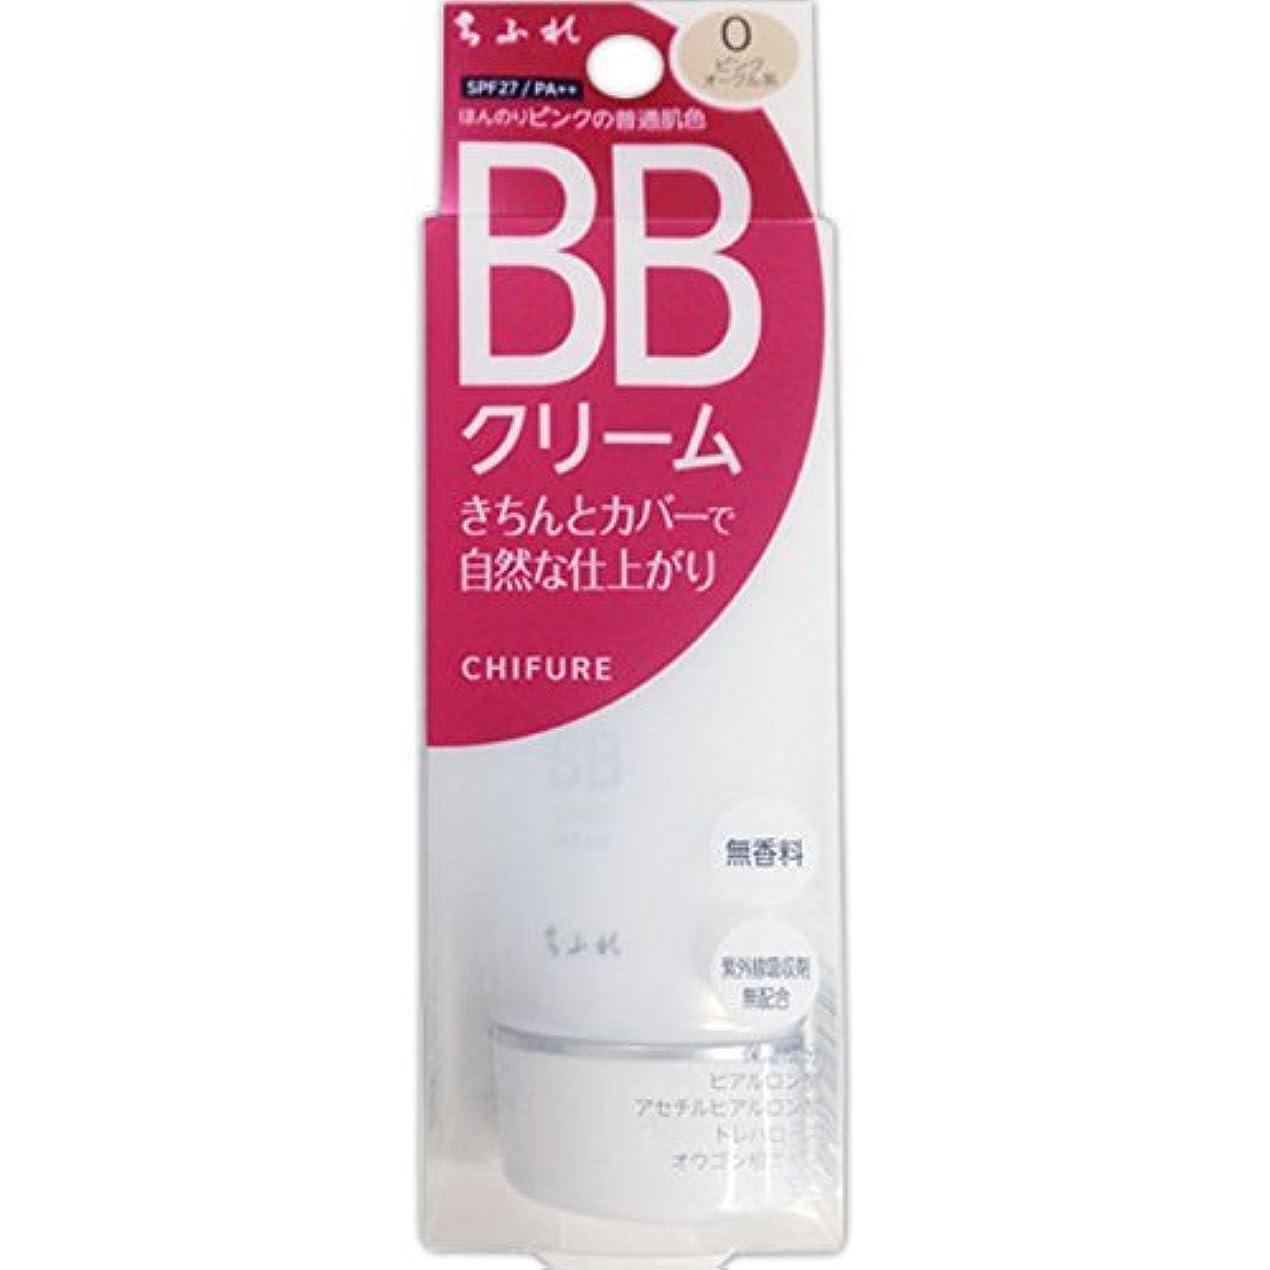 伝統致死悪いちふれ化粧品 BB クリーム ほんのりピンクの普通肌色 0